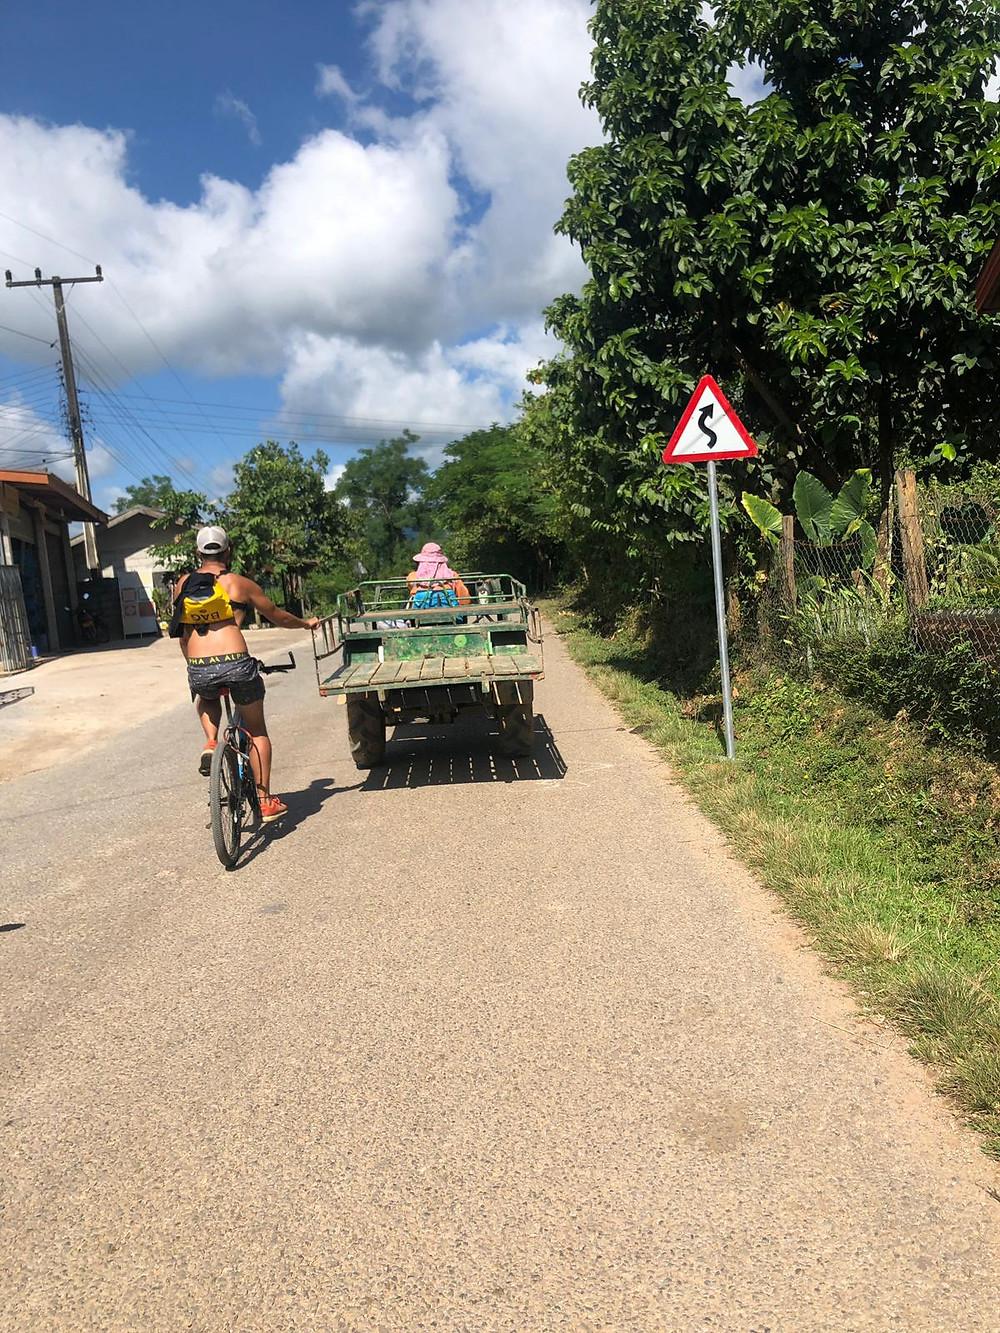 Cycling in Vang Vieng